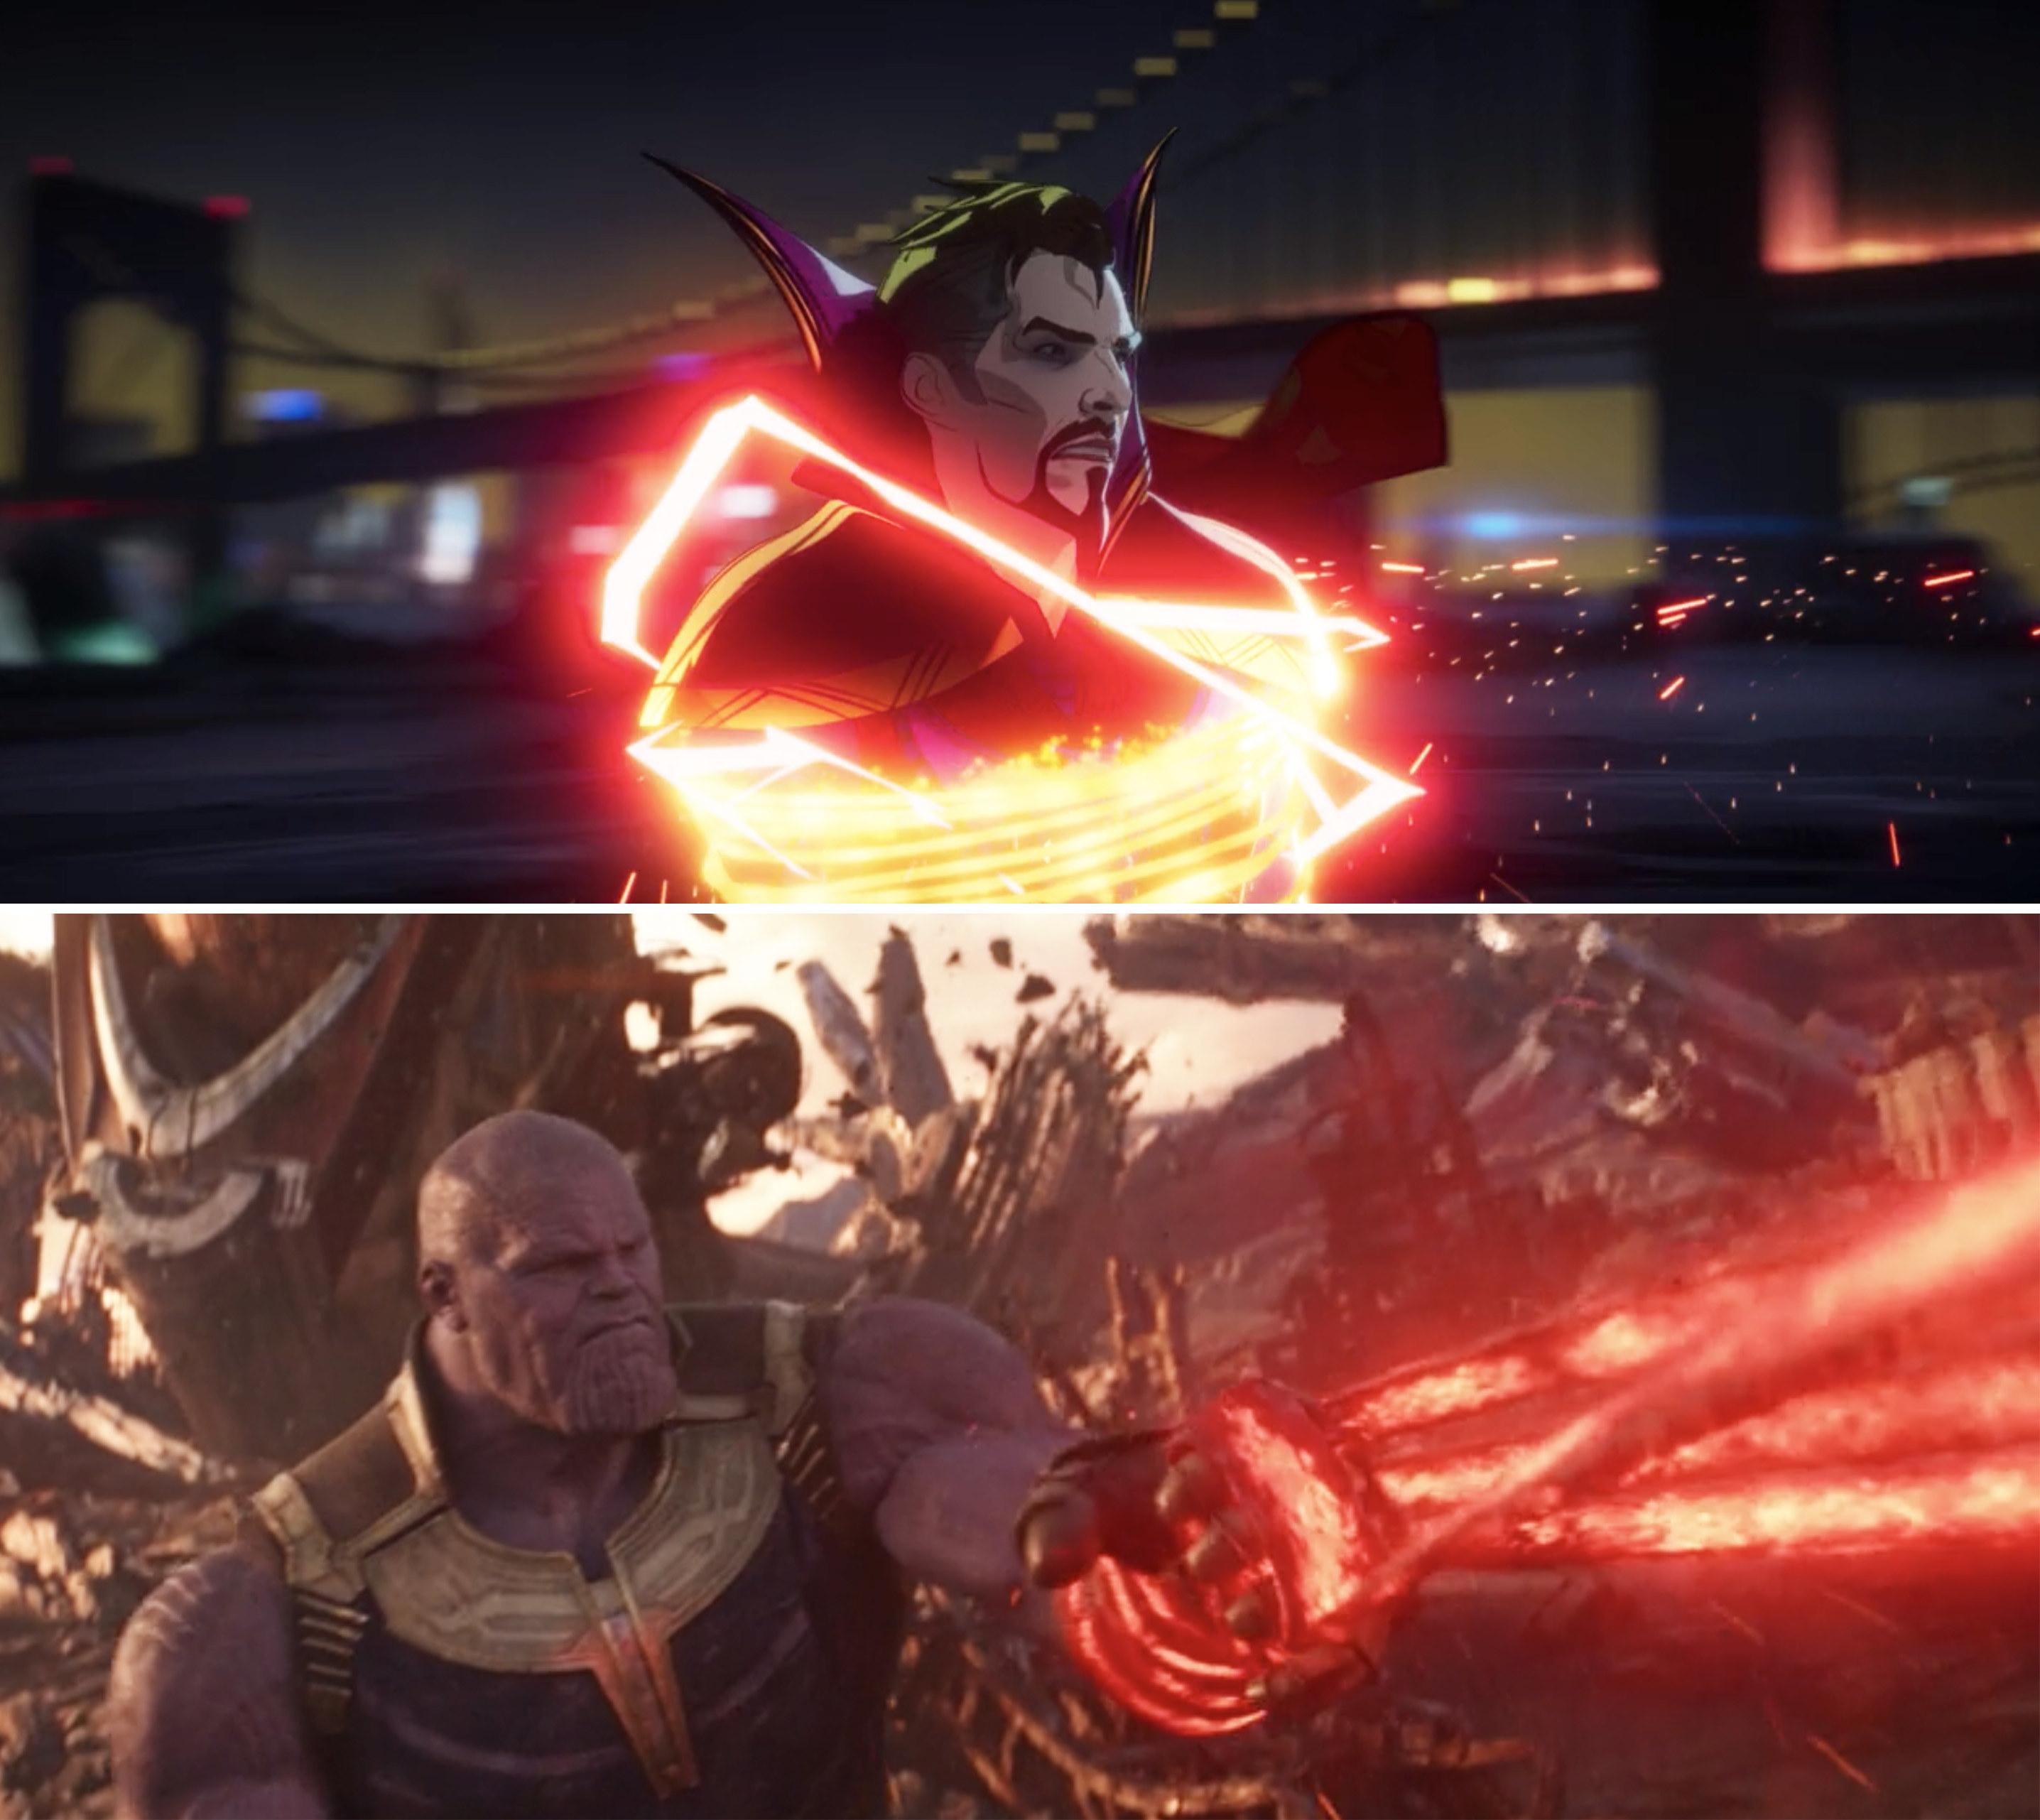 Evil Strange tangled in a magic lasso vs Thanos' gauntlet tangled in one